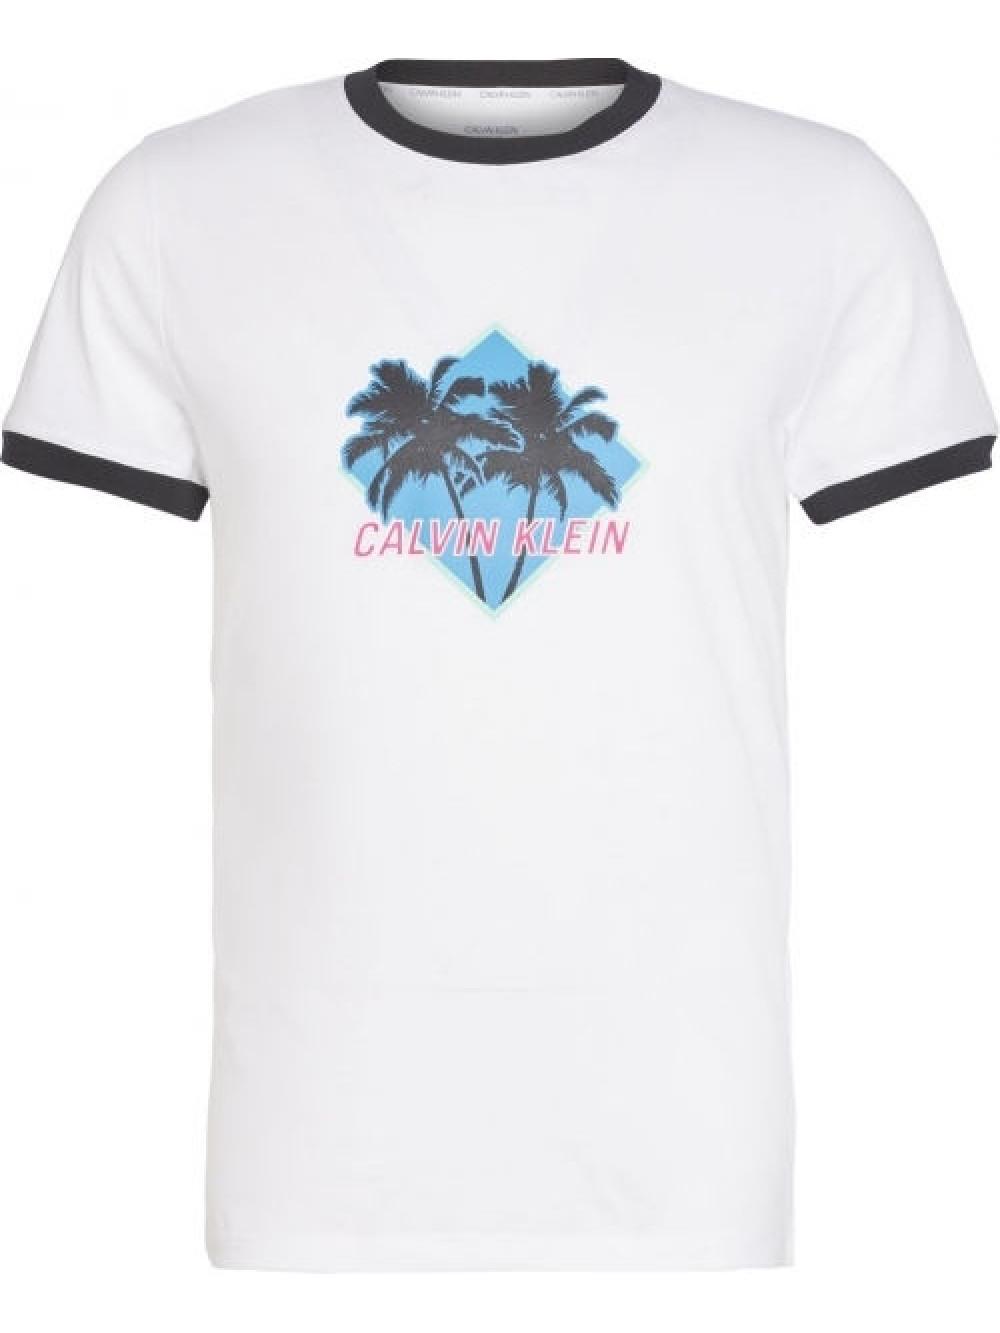 Pánske tričko Calvin Klein Relaxed Retro biele